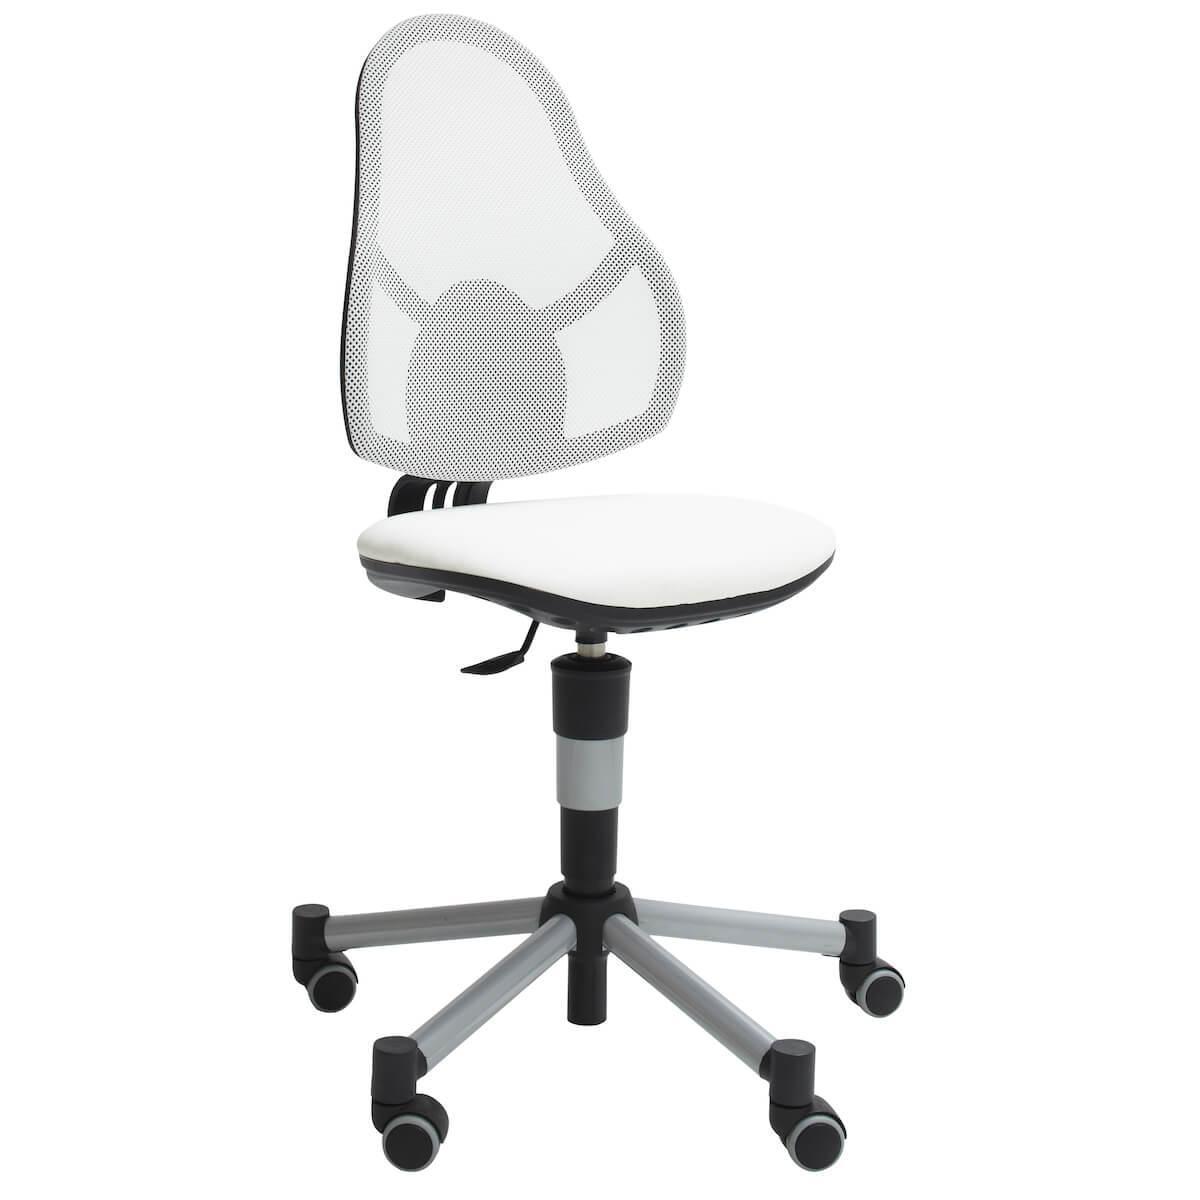 Chaise bureau enfant LUXE Lifetime blanc